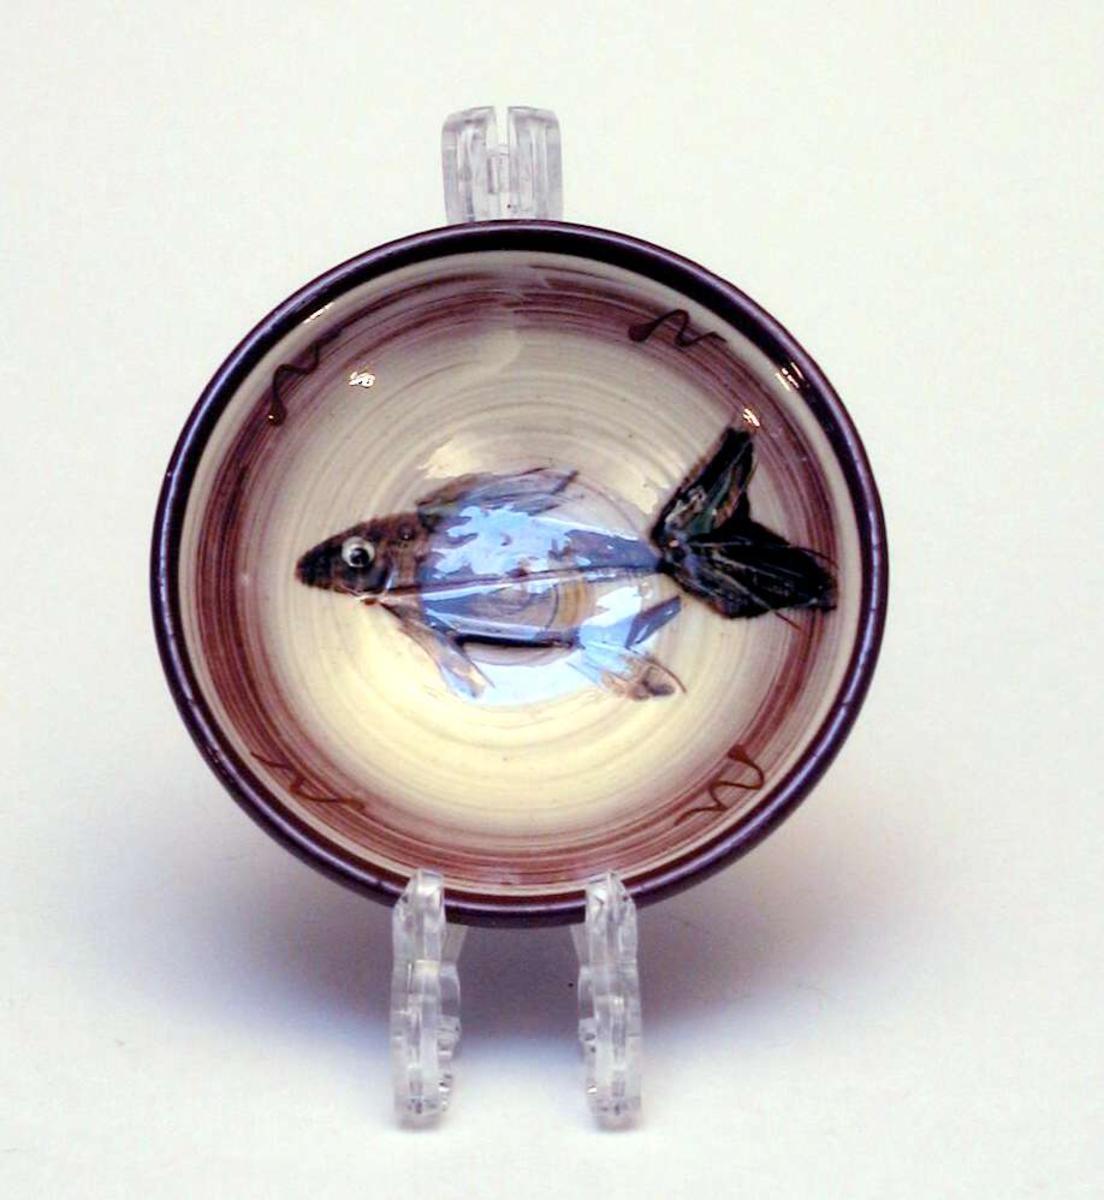 Liten skål i keramikk med fiskemotiv. Skålen har hull for oppheng.